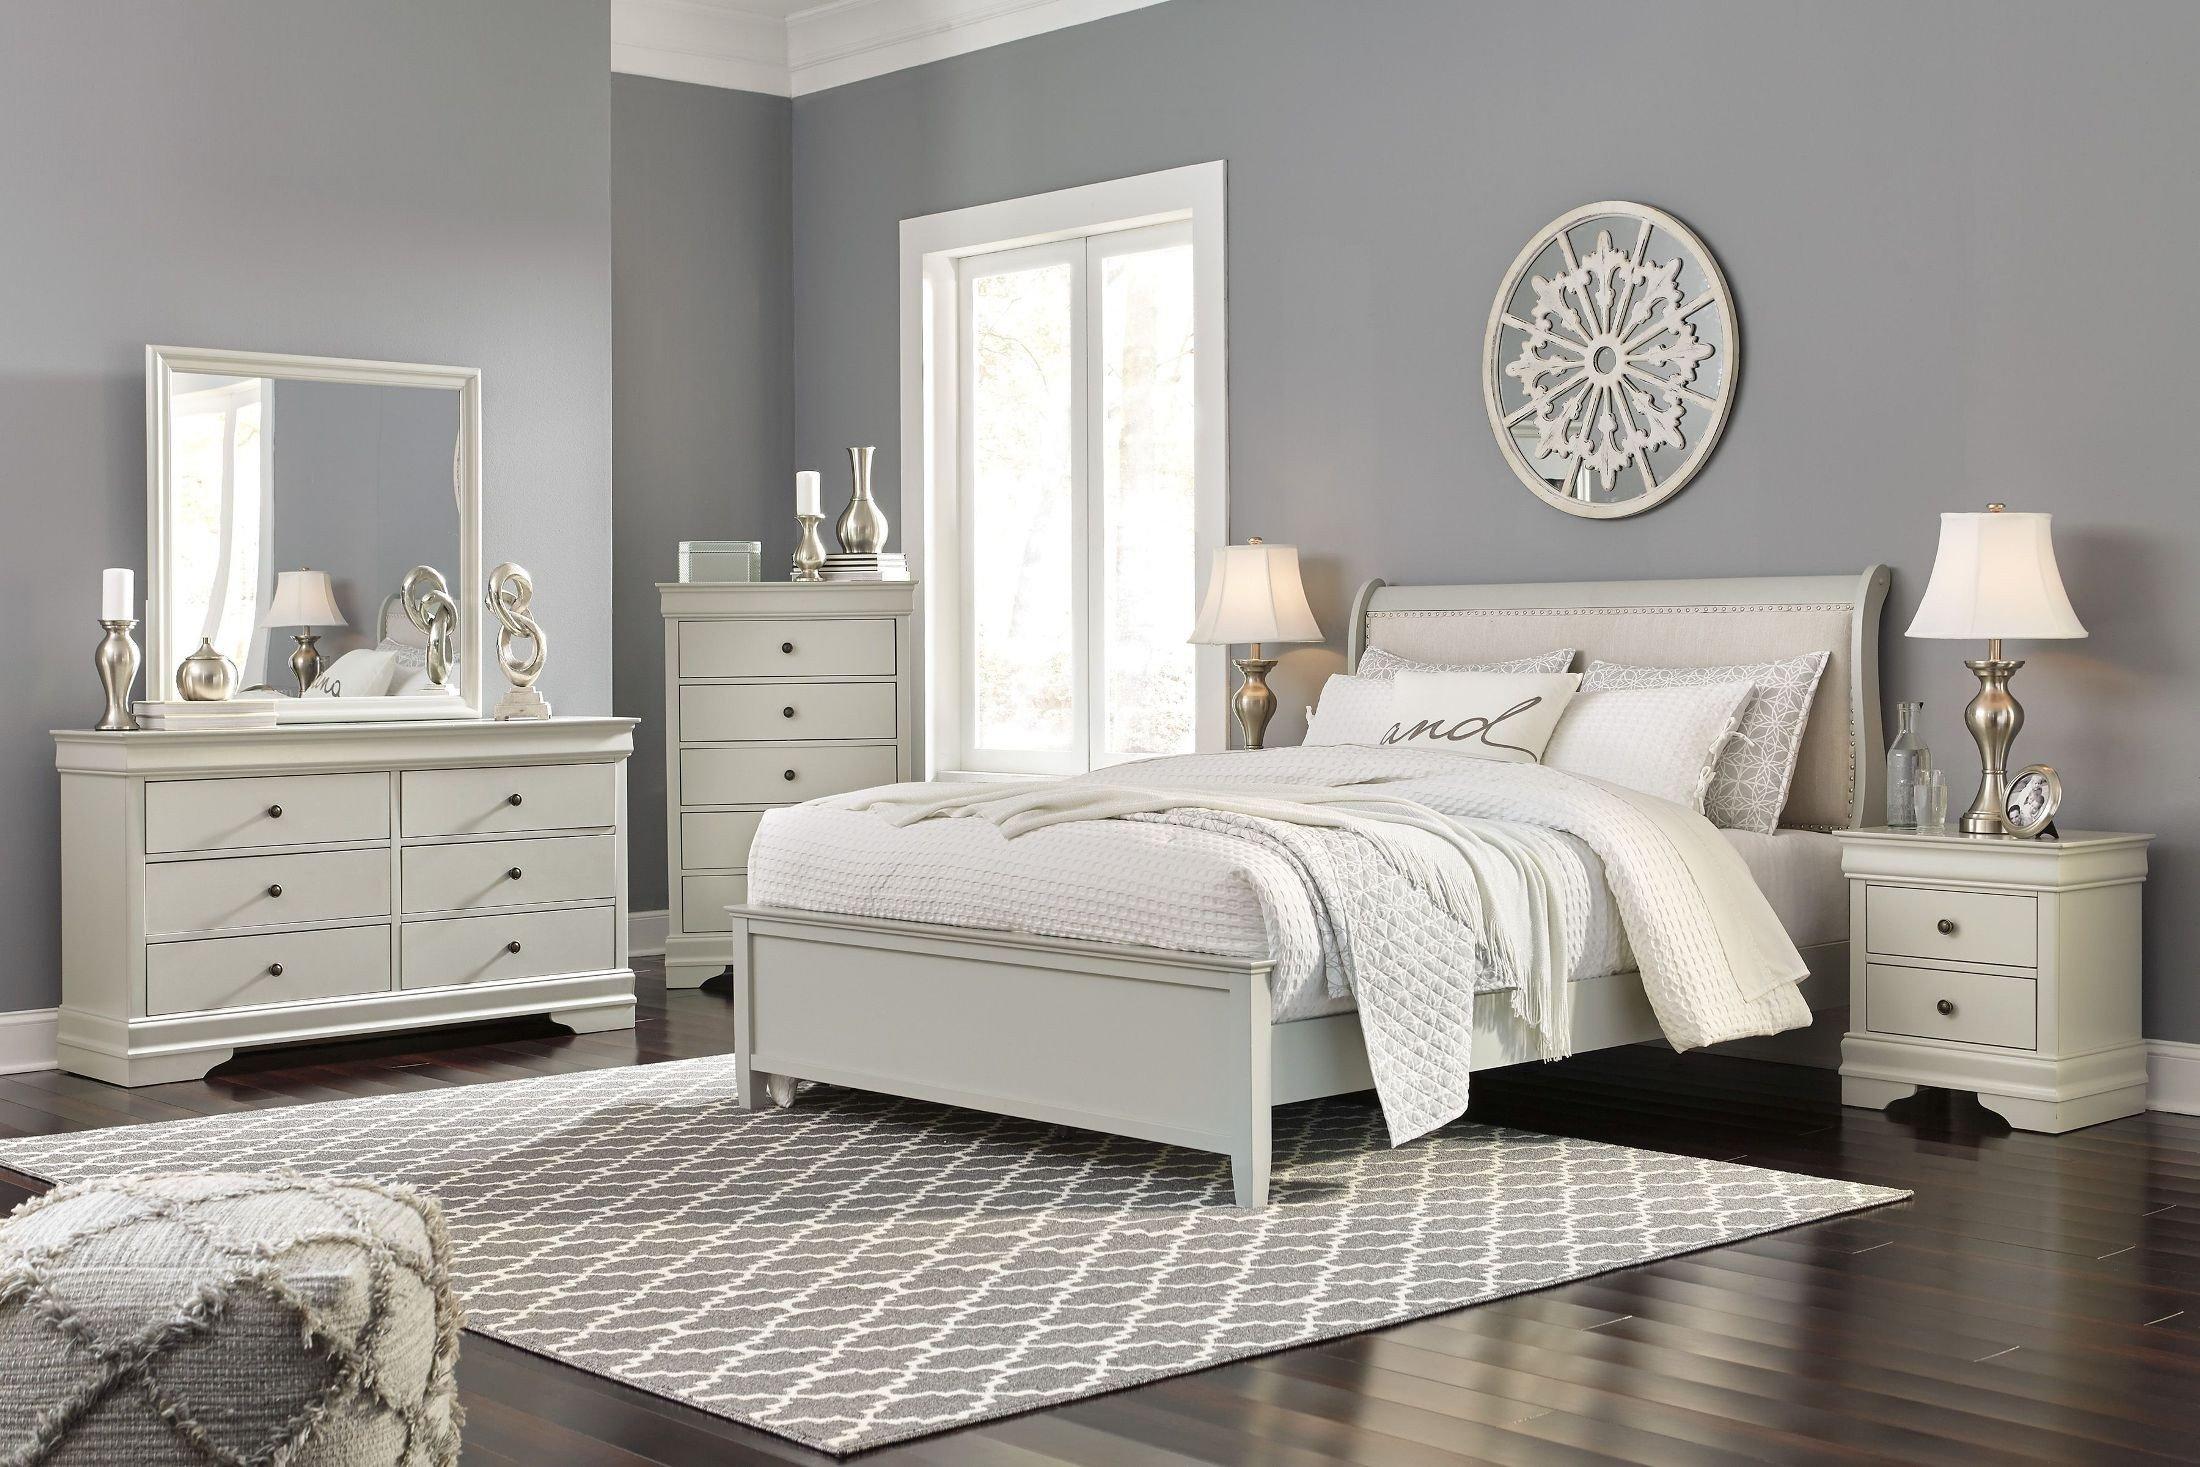 6 Piece Queen Bedroom Set Best Of Emma Mason Signature Jarred 5 Piece Sleigh Bedroom Set In Gray